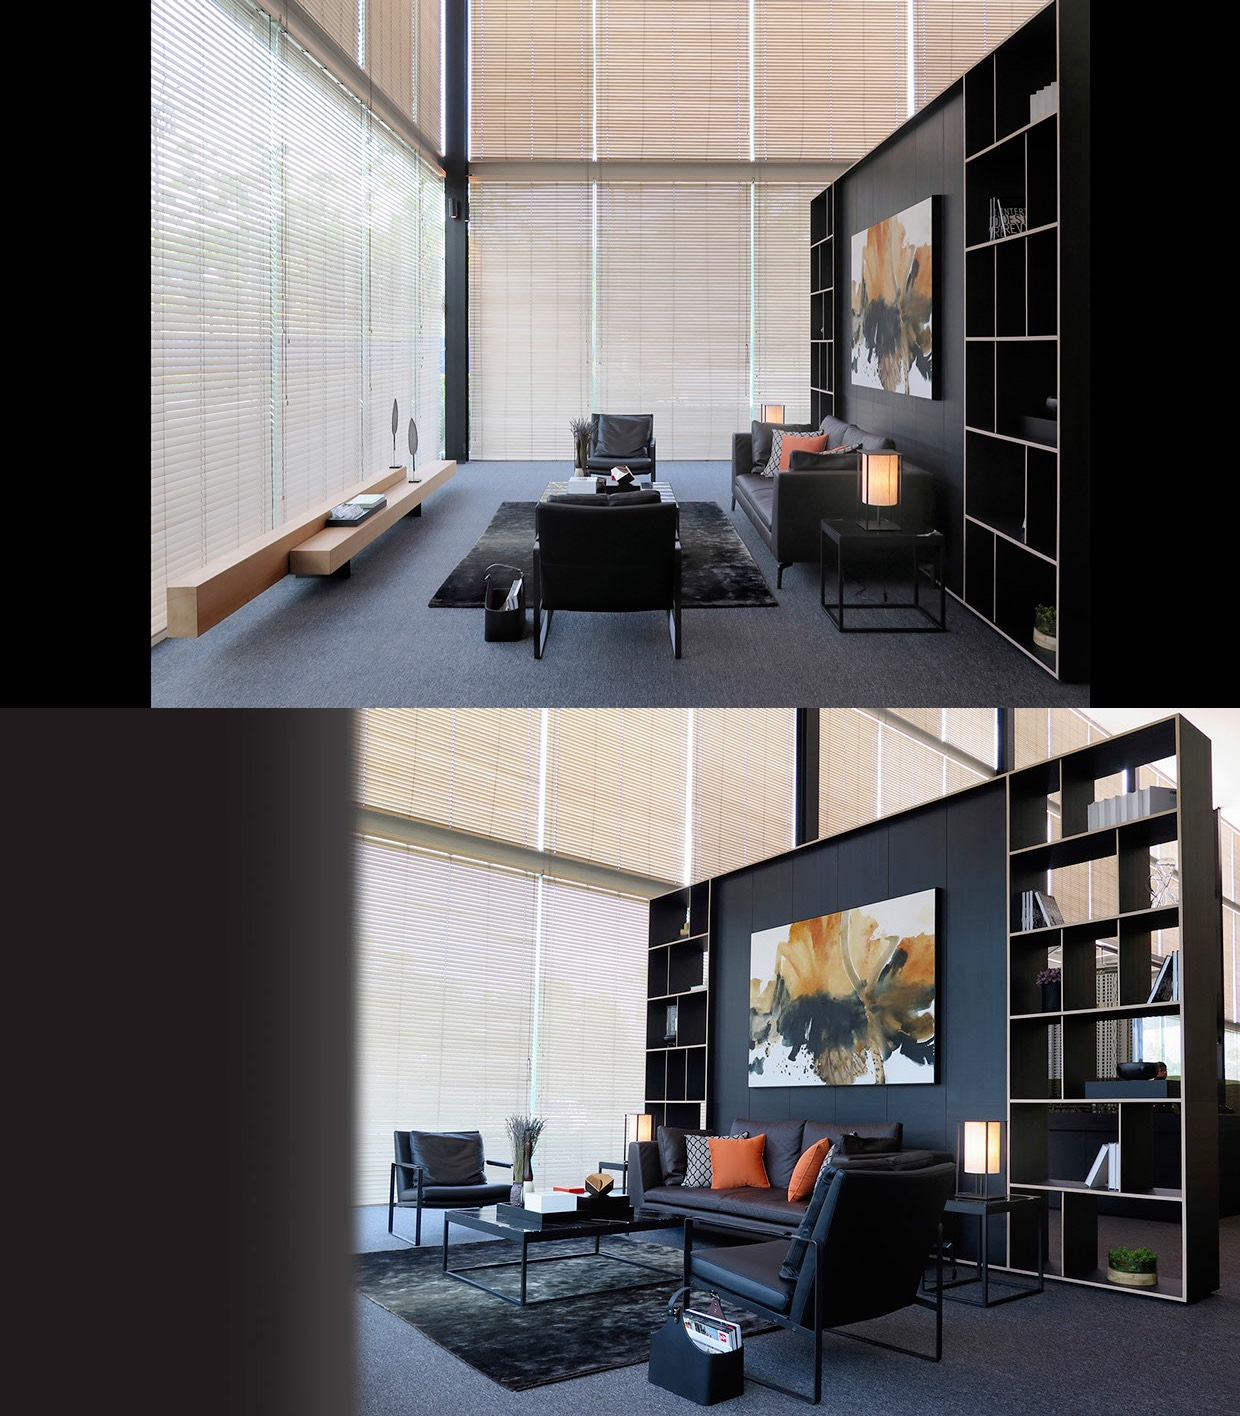 dark-modern-interior